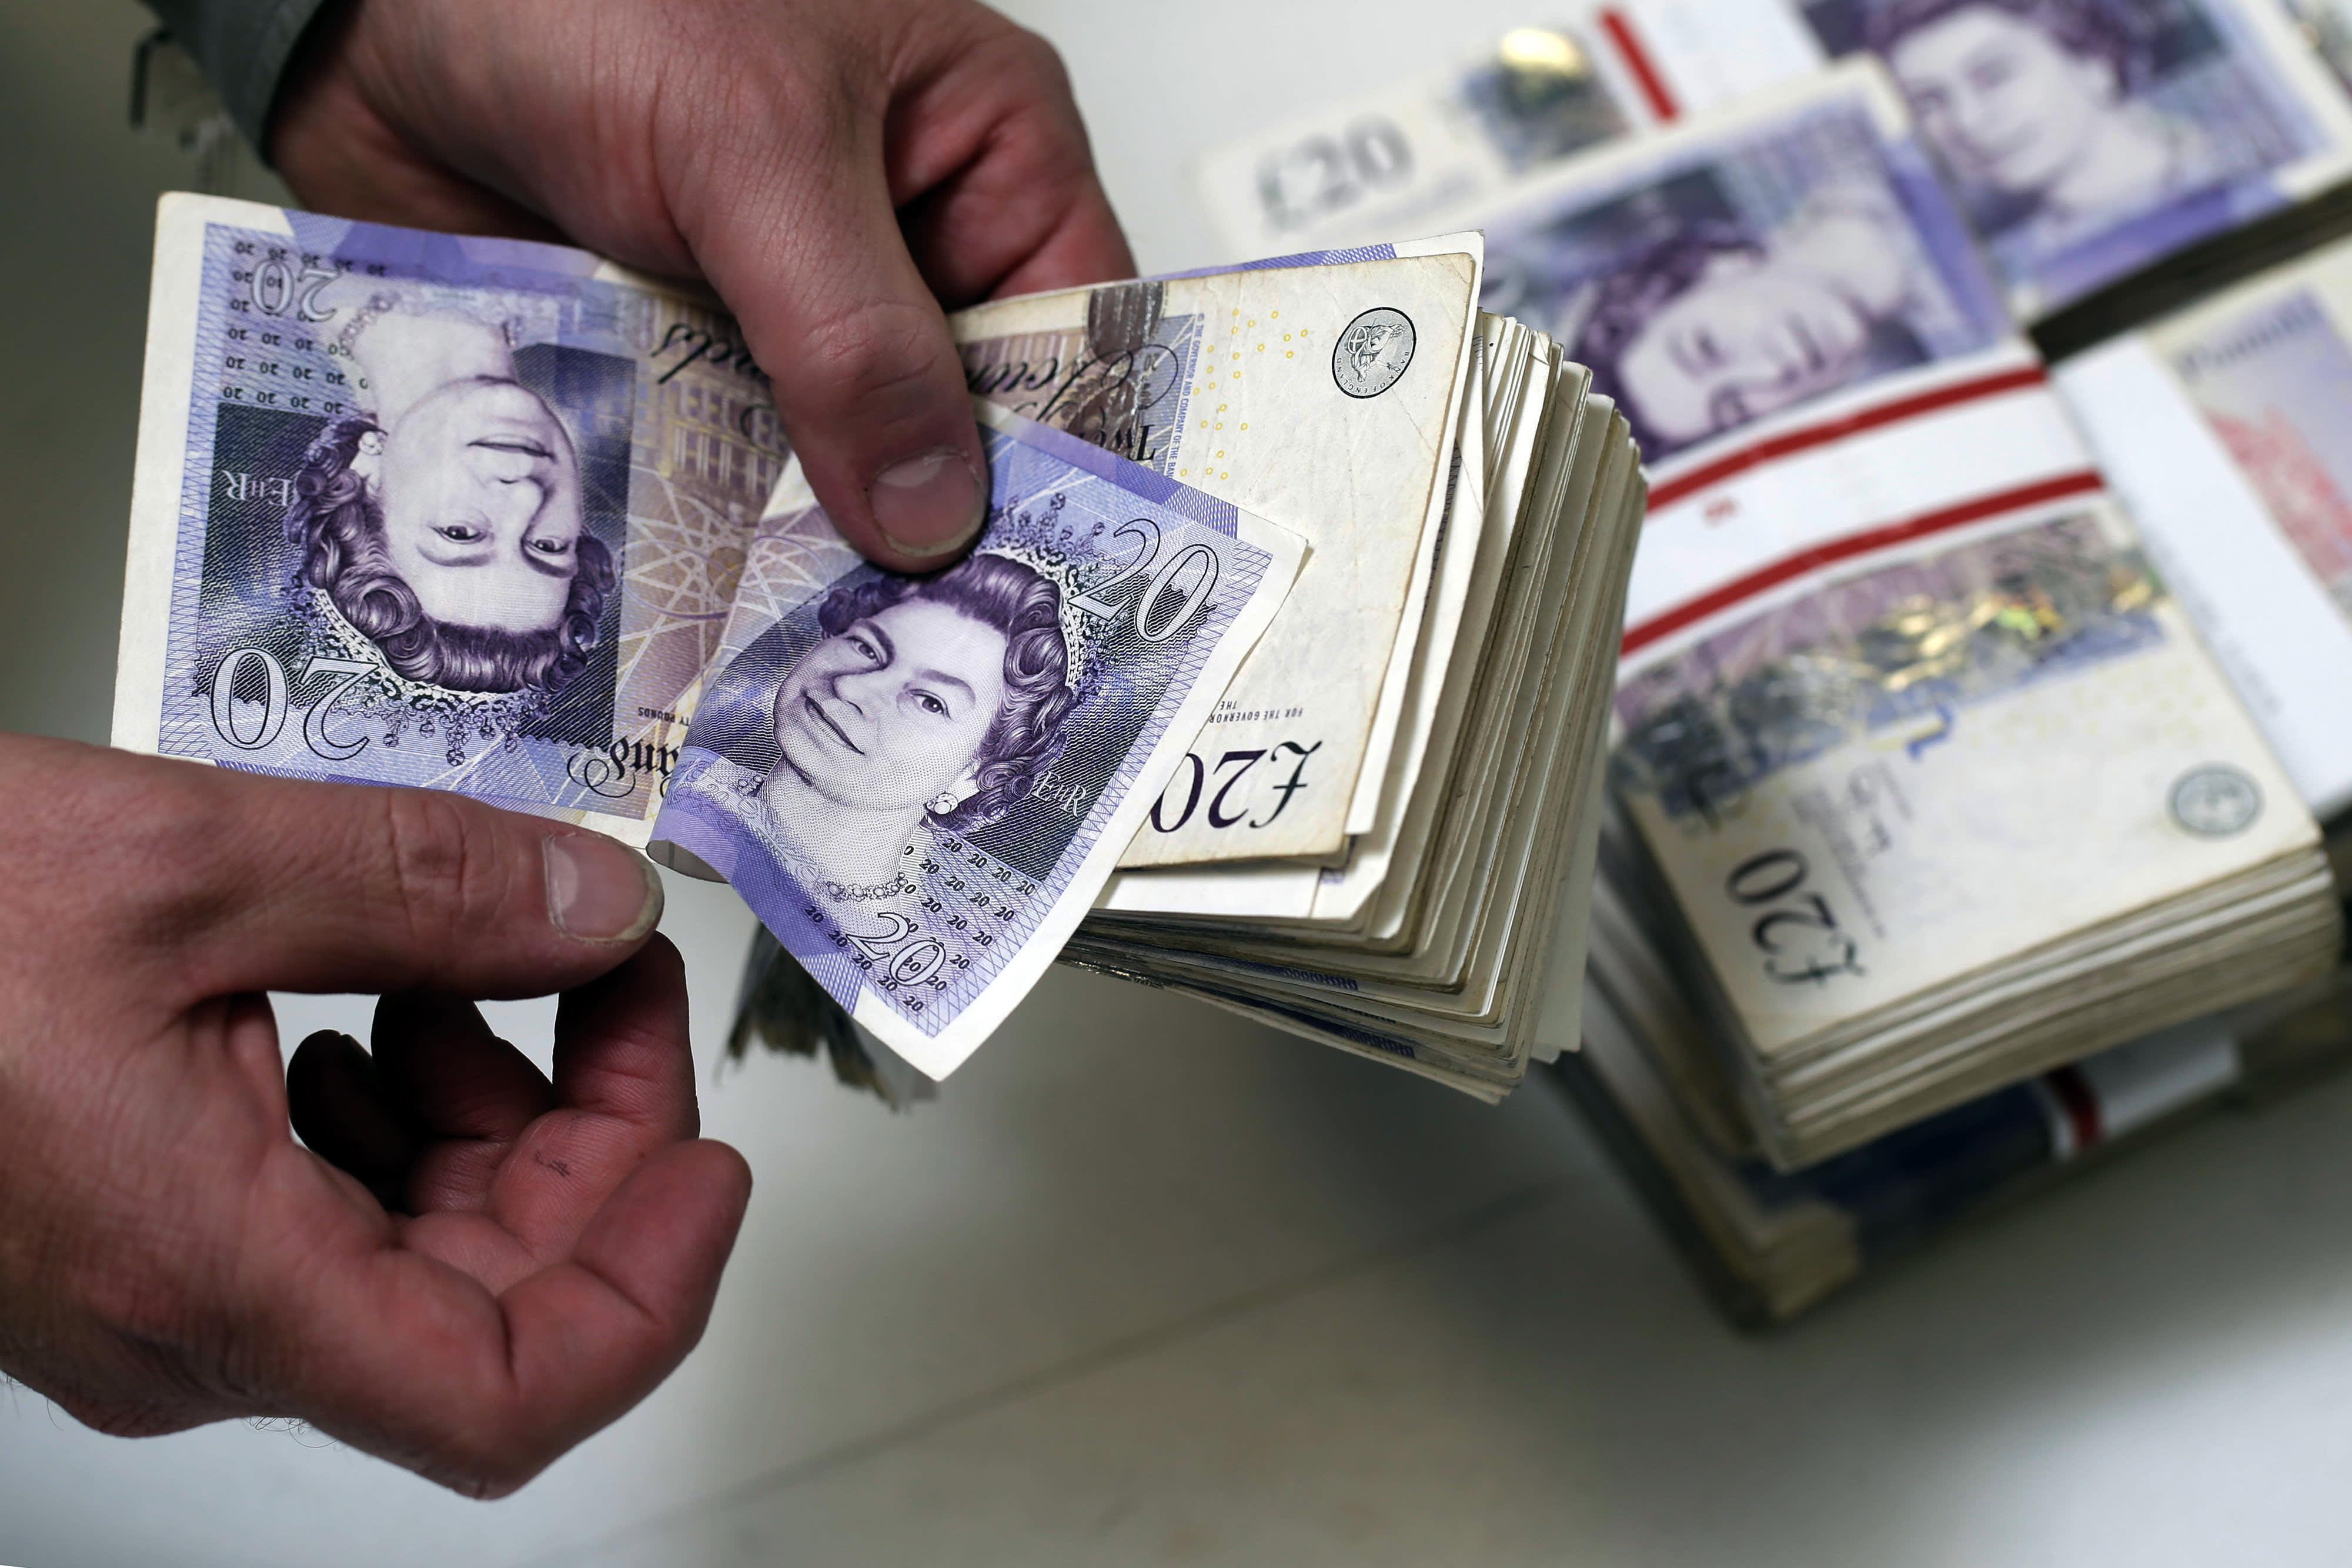 Octopus launches multi-cap income fund